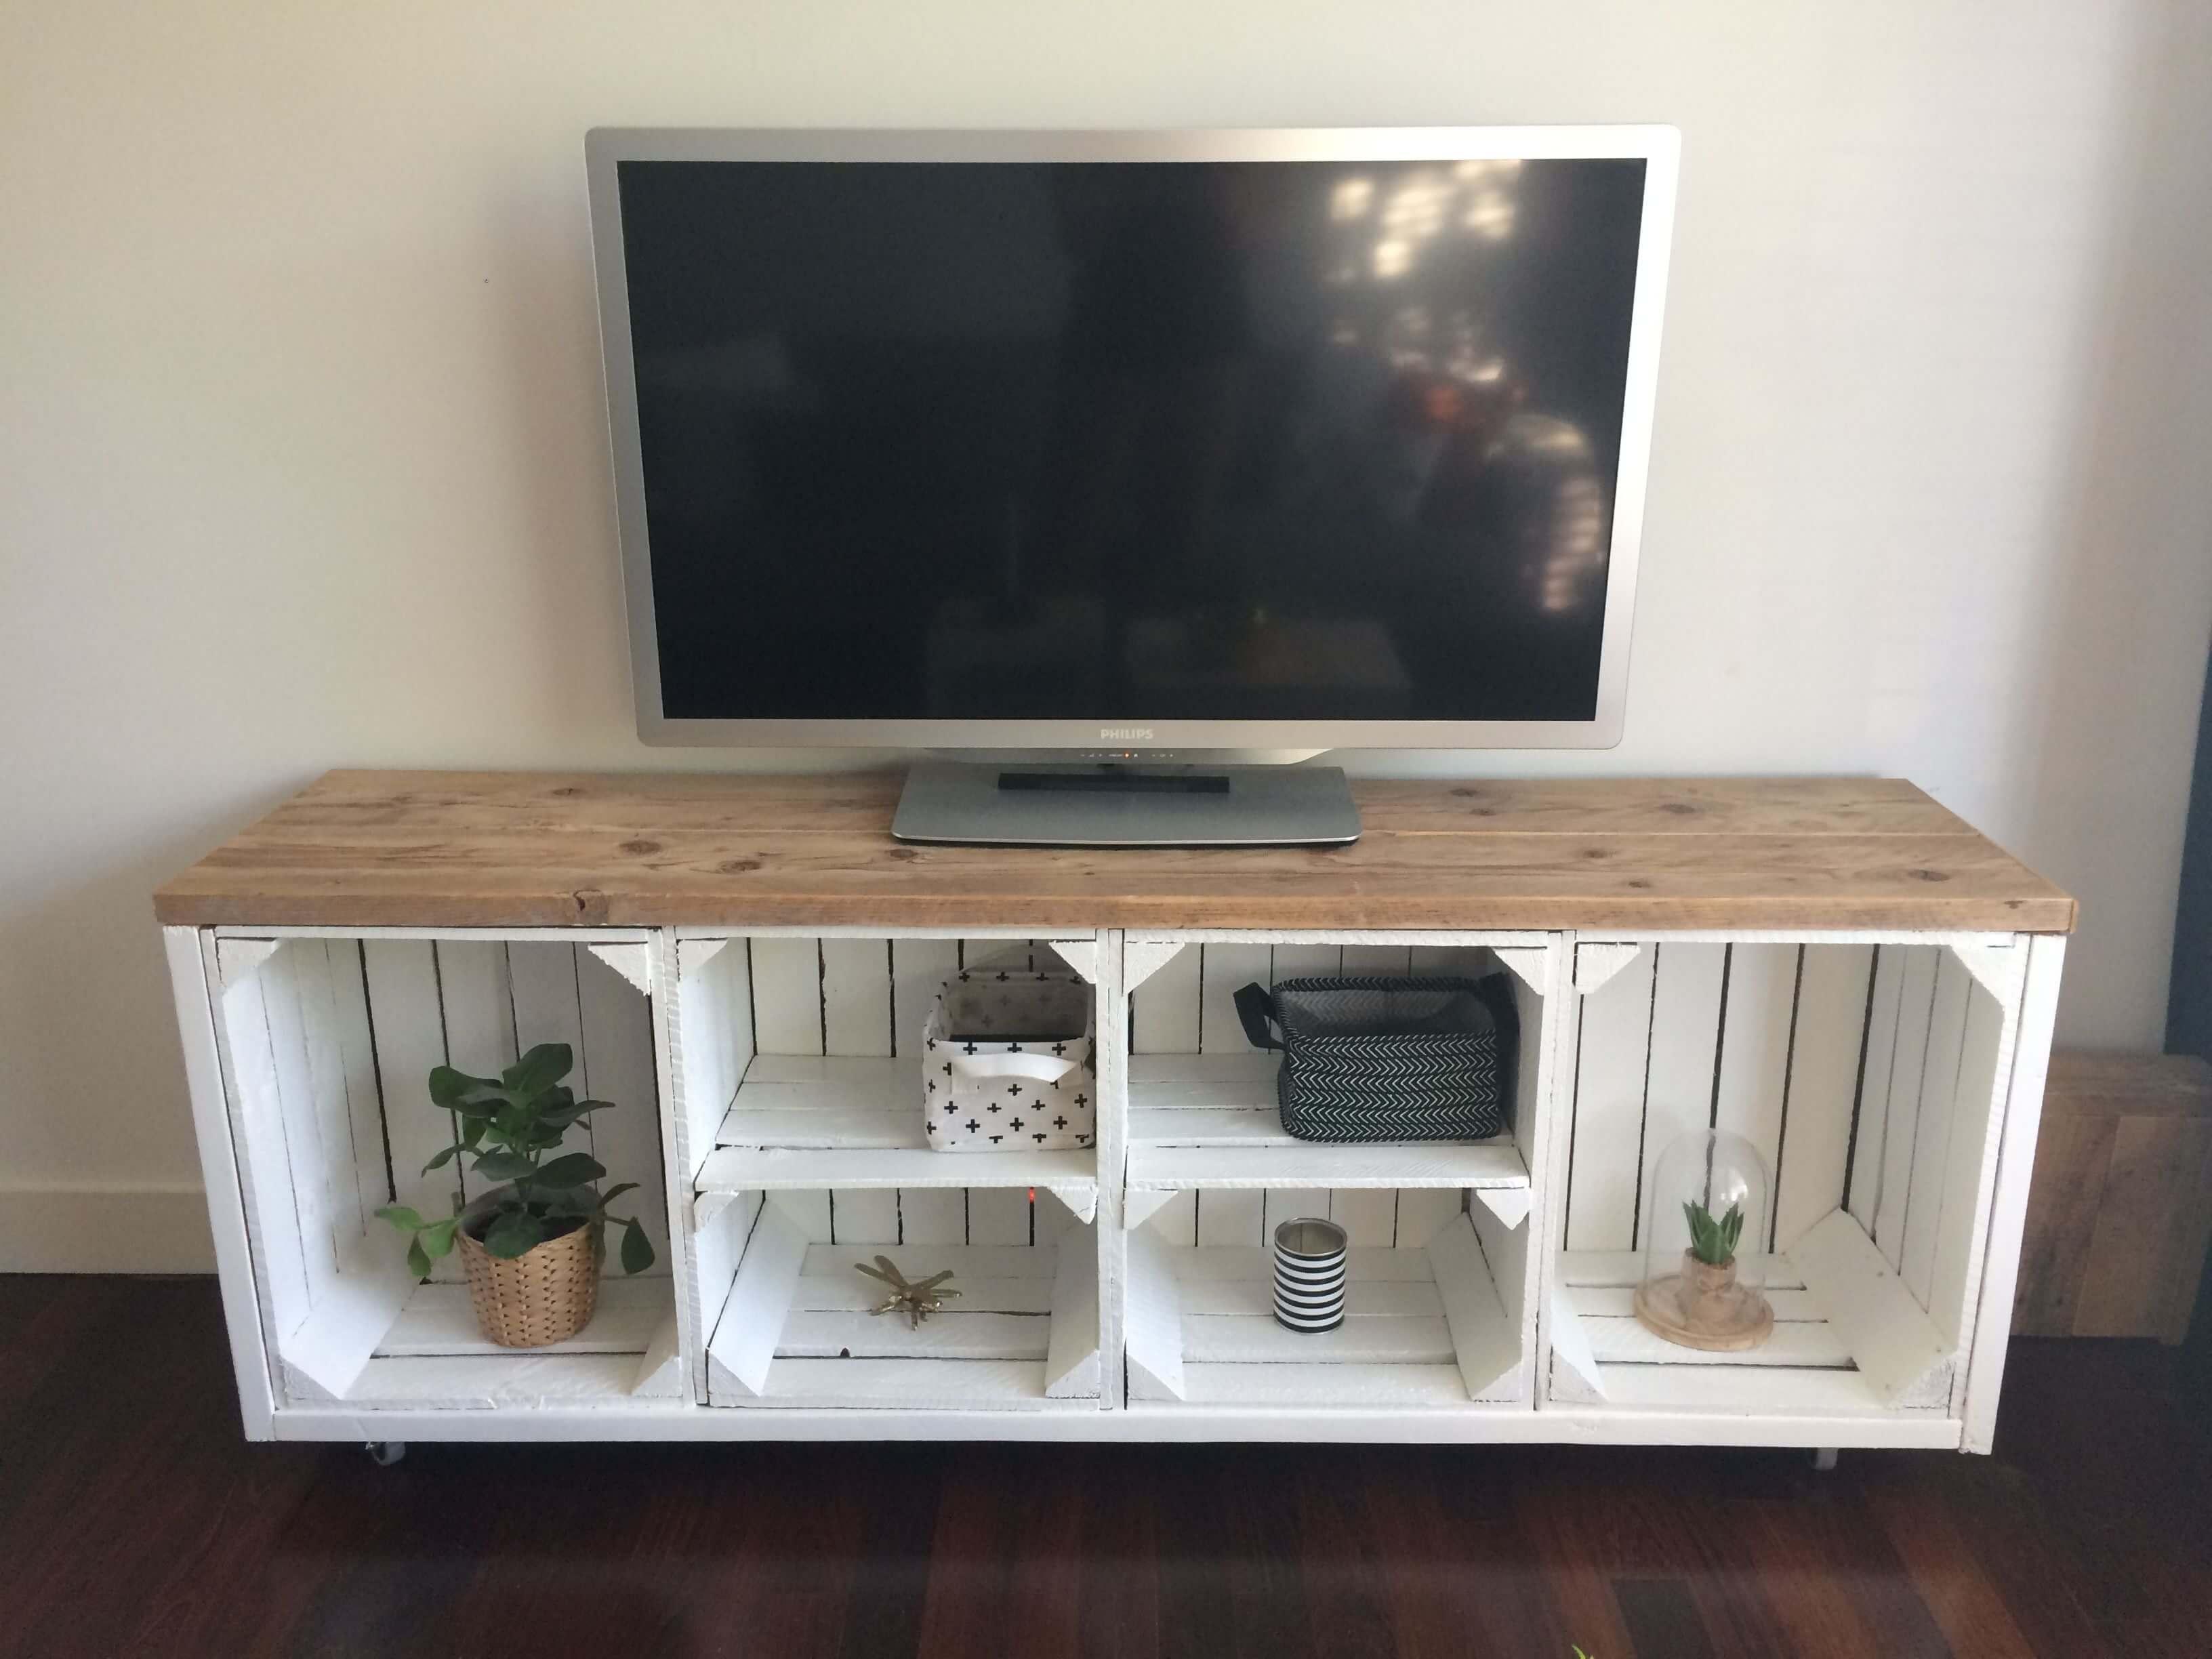 Most Expensive Tv Stand - Smartvradar.com